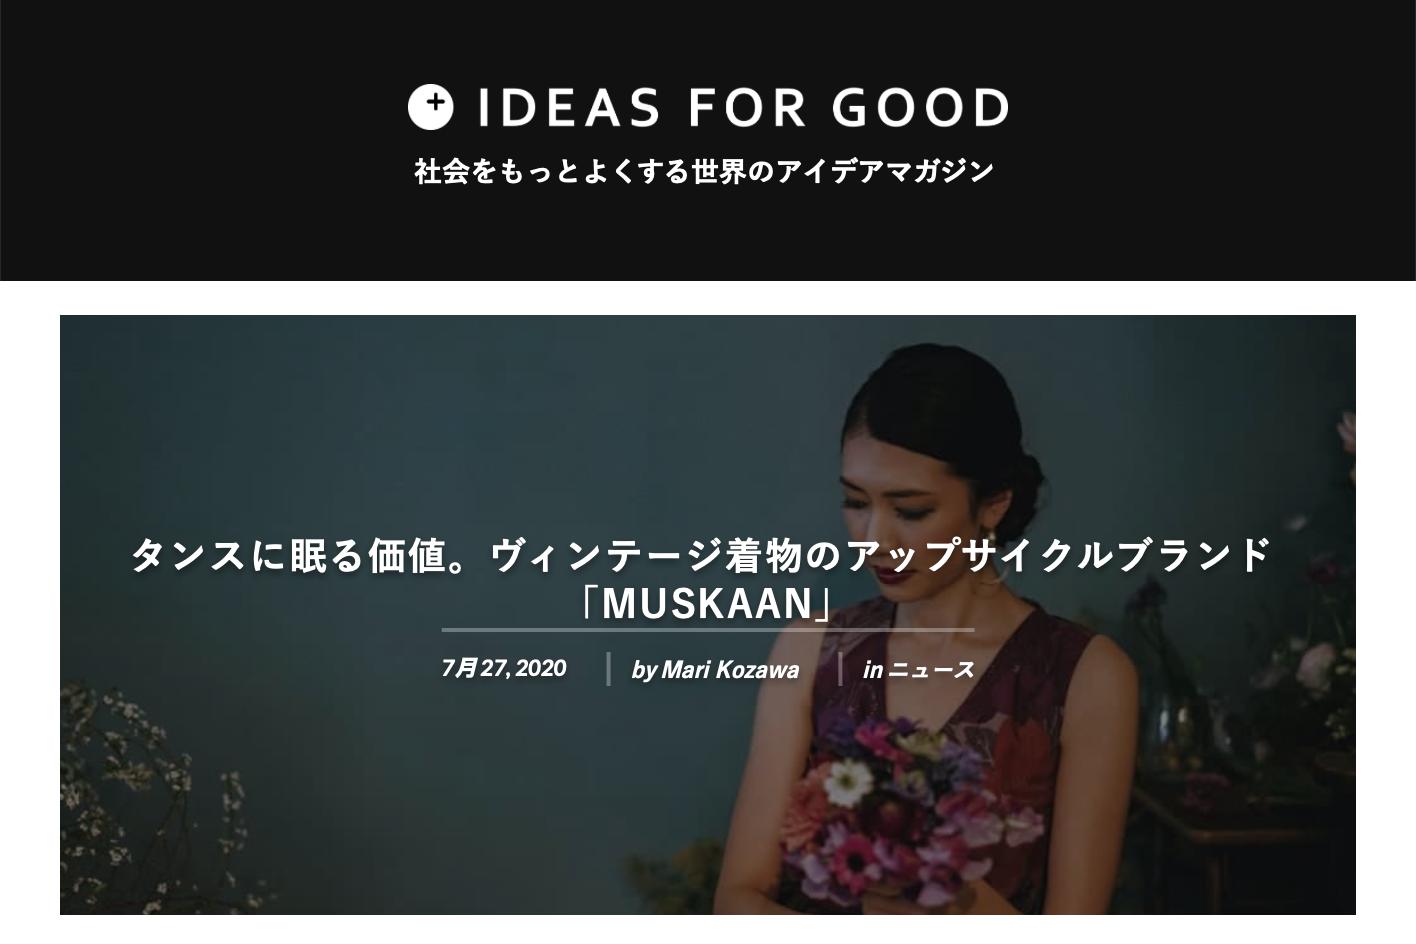 【WEBメディア掲載】IDEAS FOR GOOD